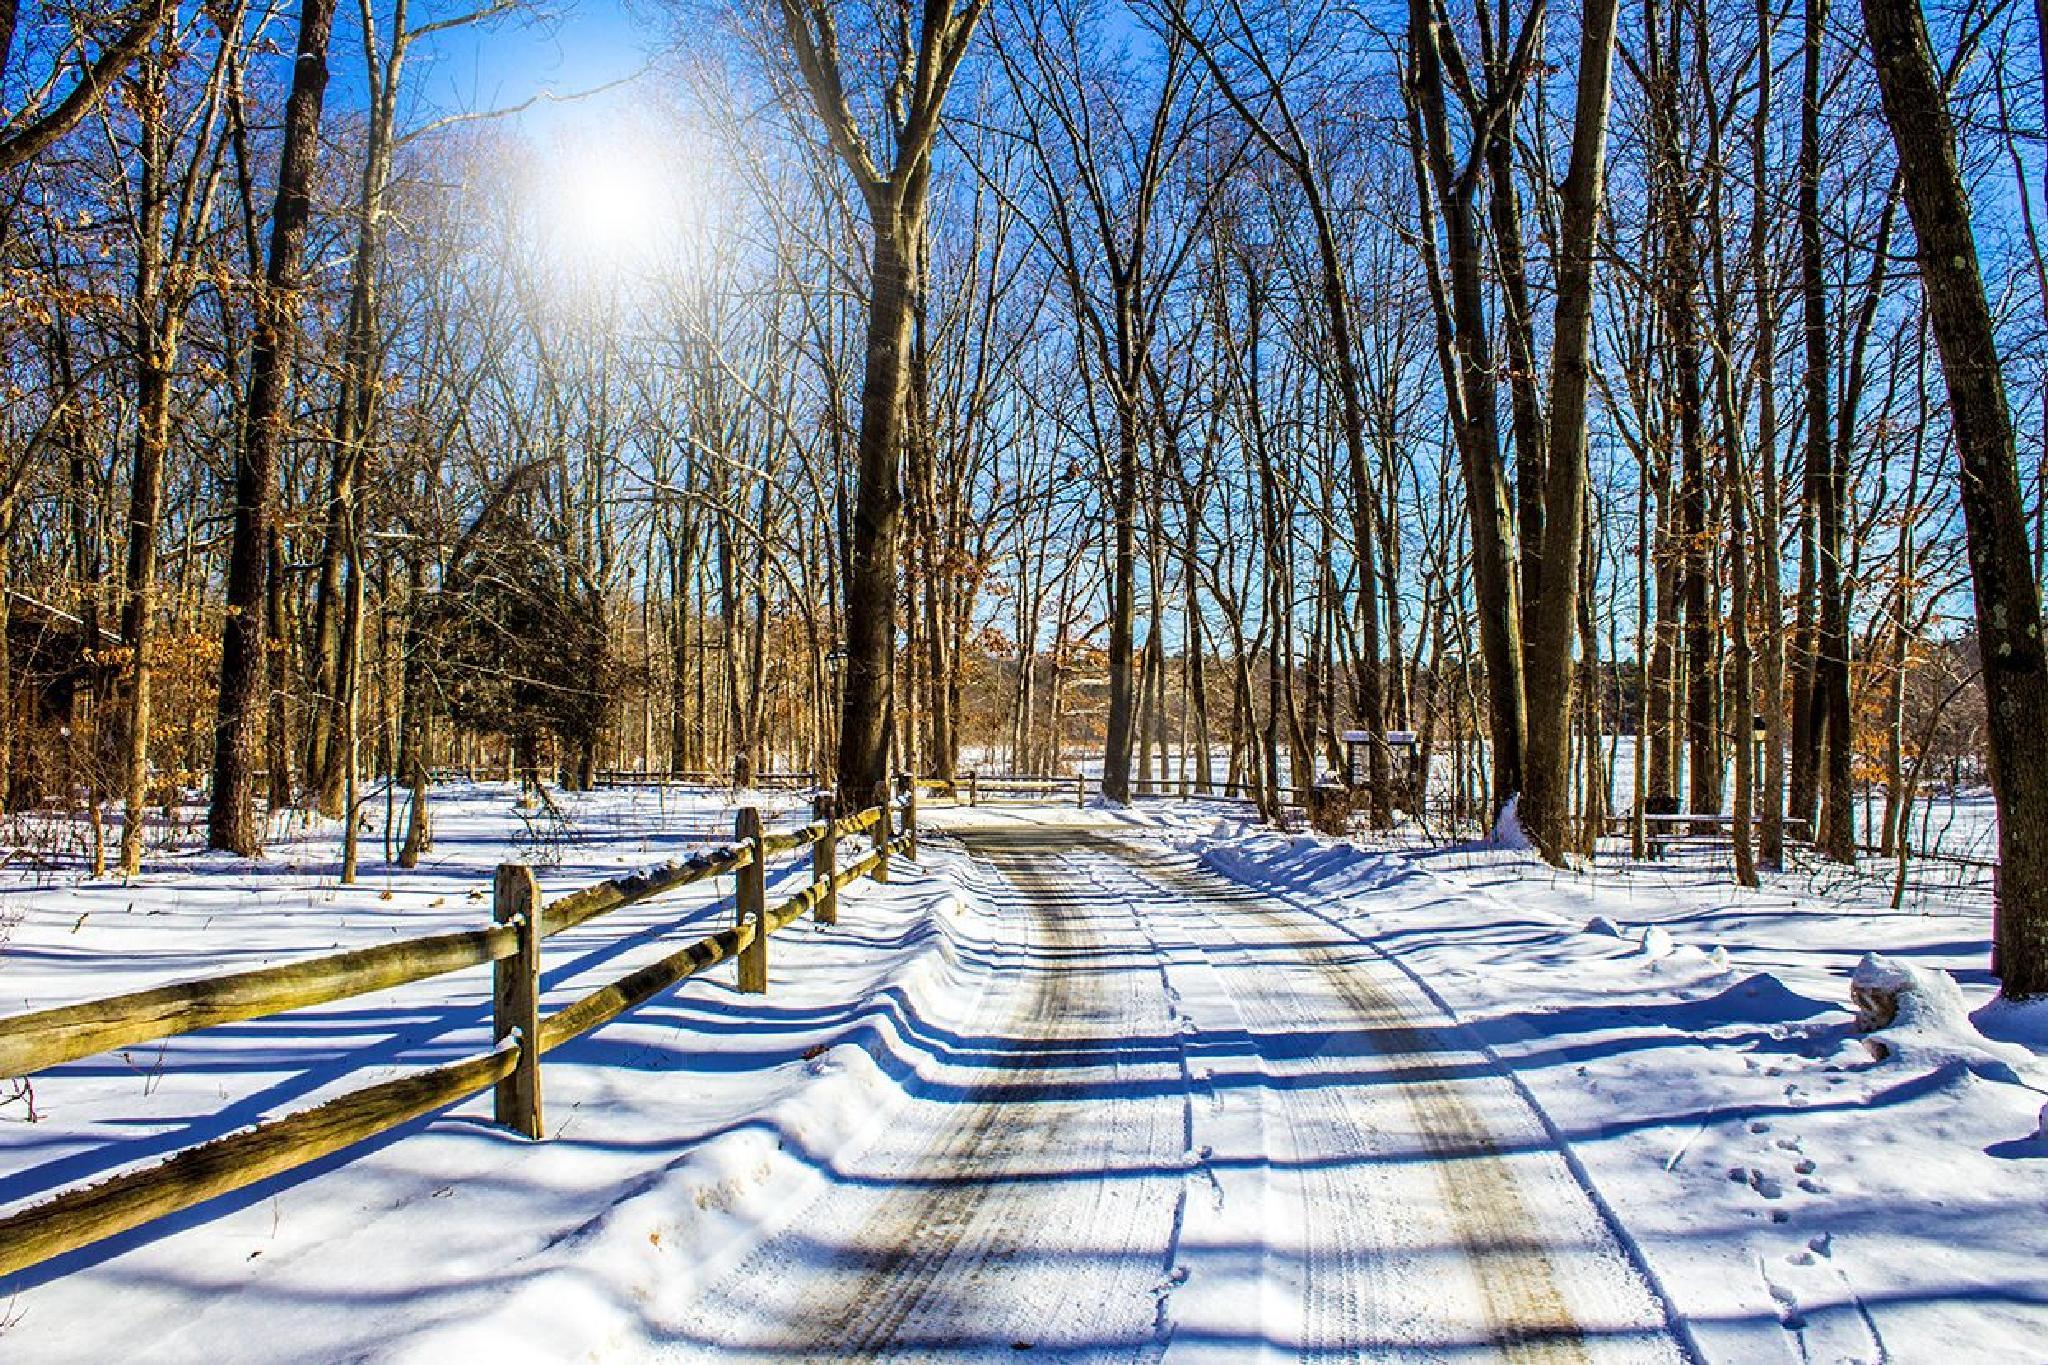 Winter road by Daniel Franklin